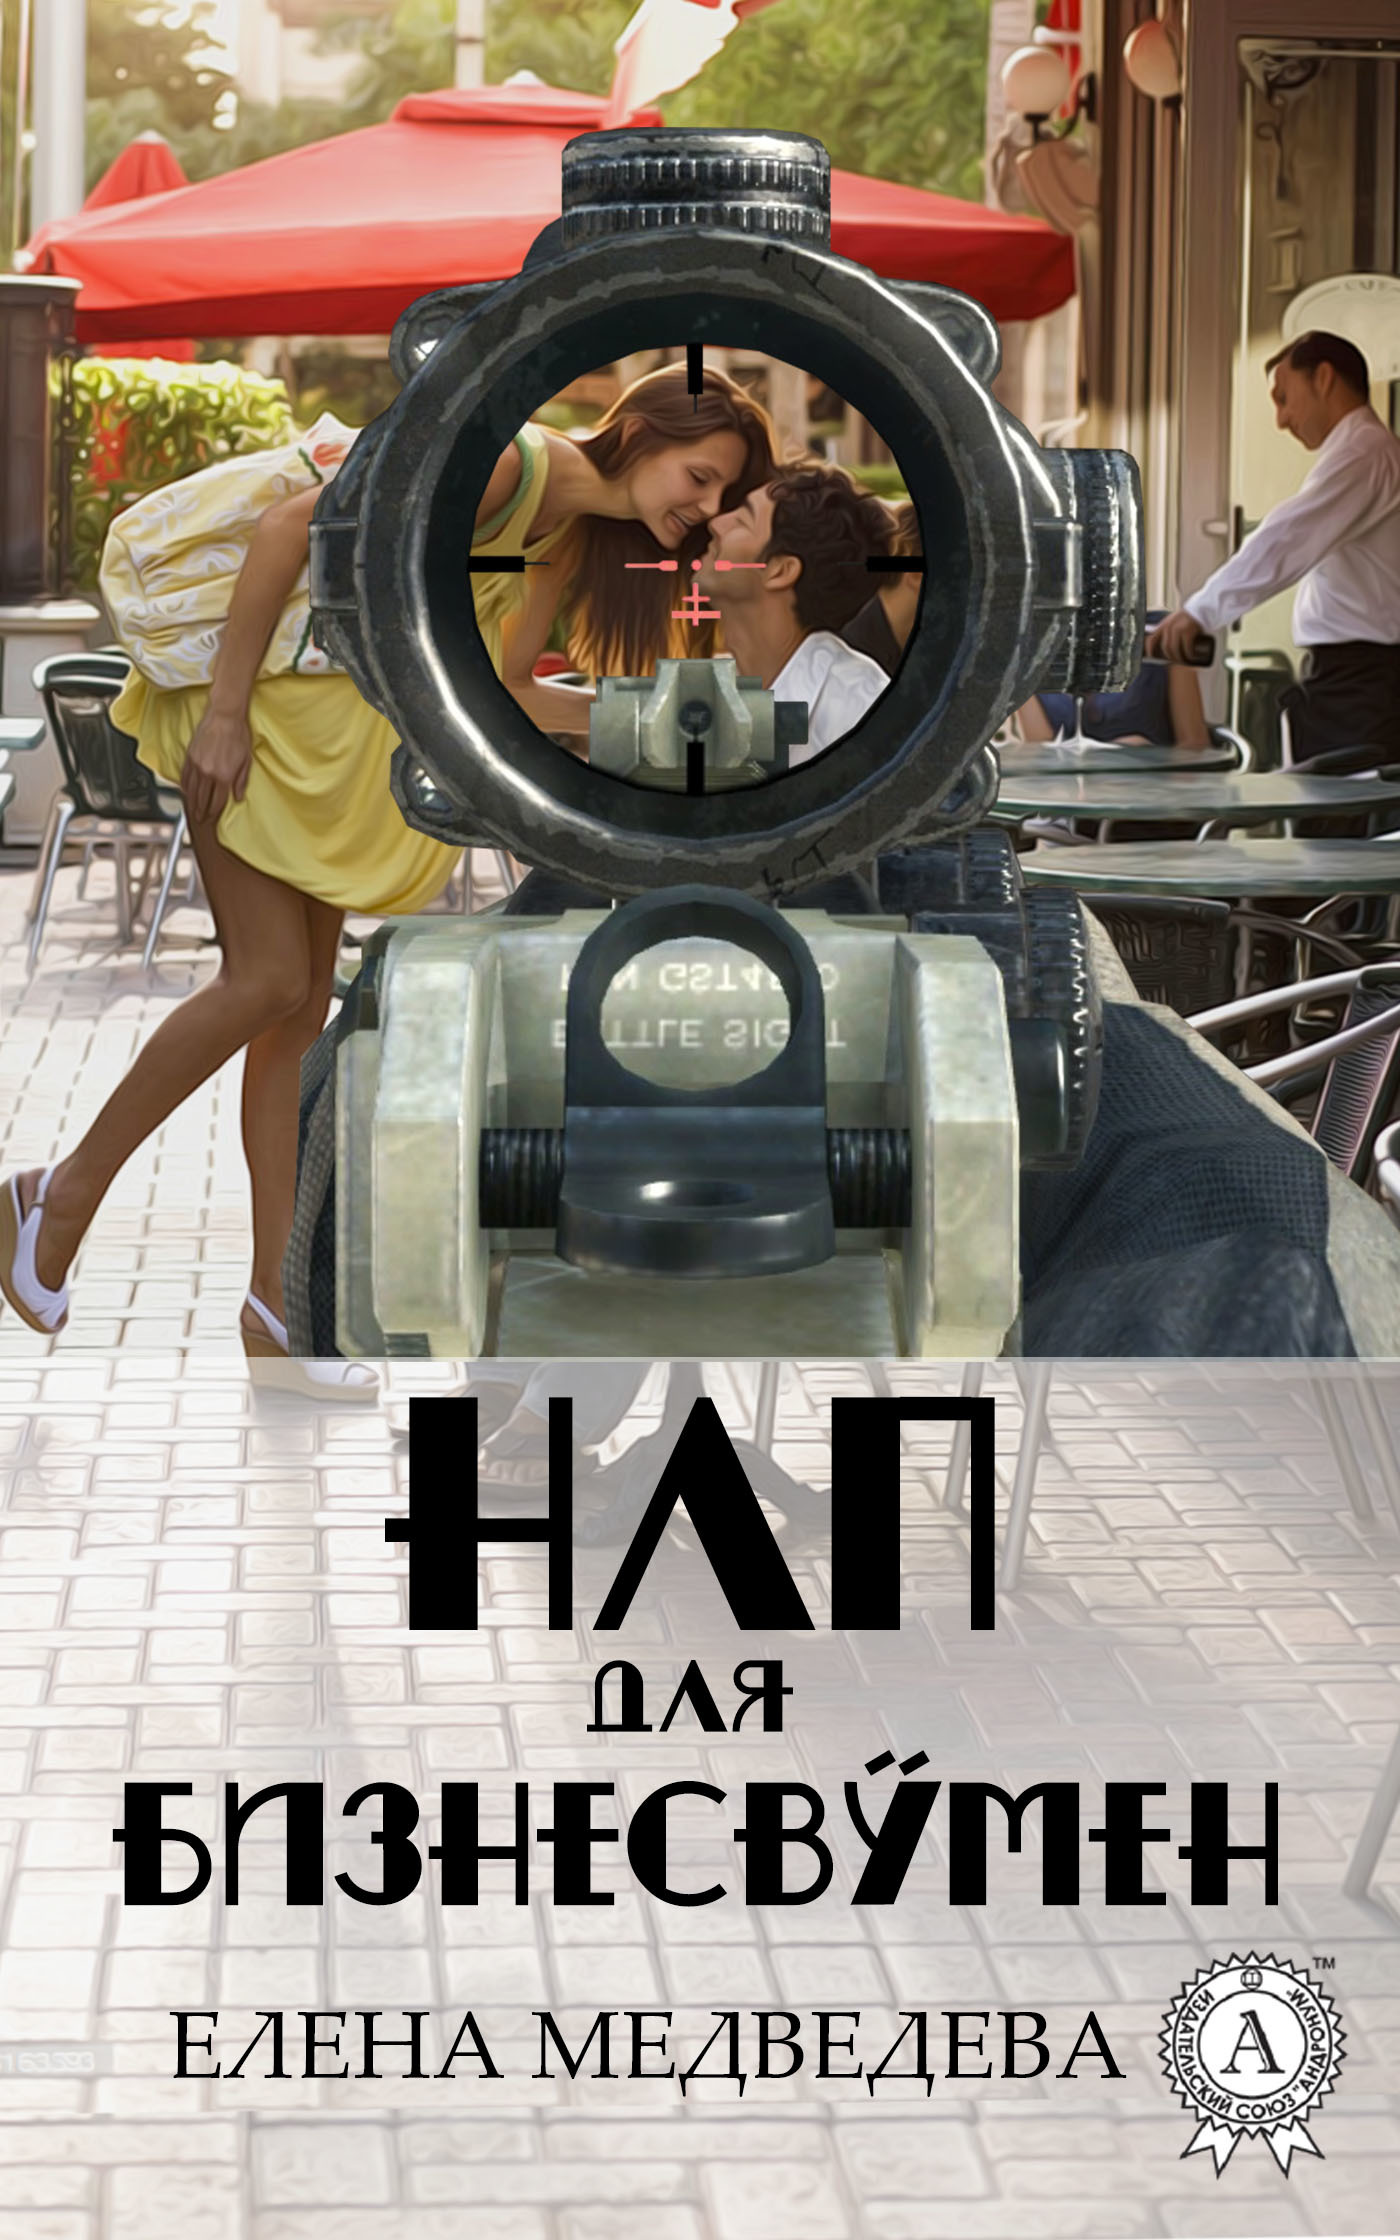 Елена Медведева НЛП для бизнесвумен чигиринский о госпожа удача